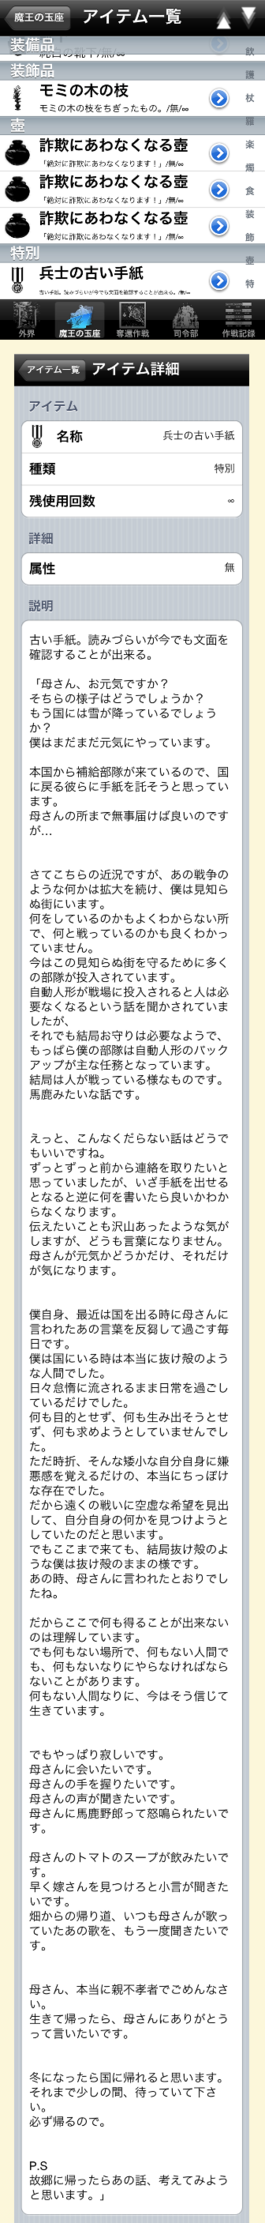 bokumaka003.png